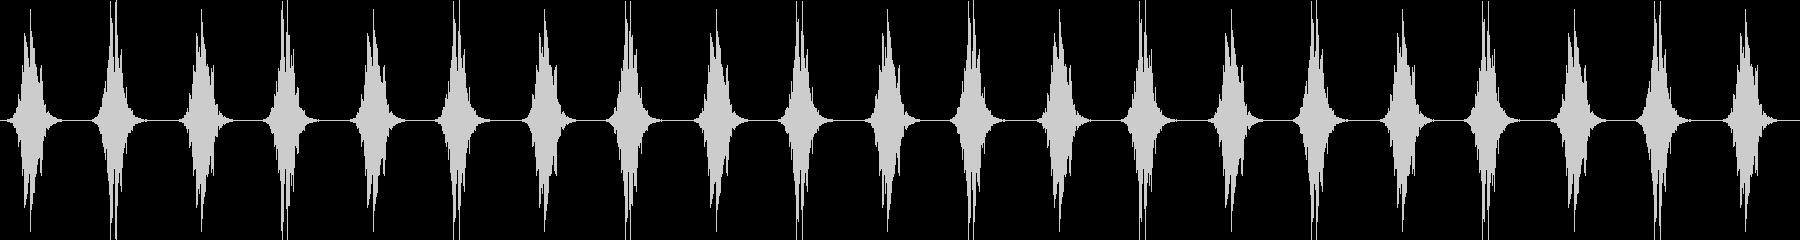 ファンブレード:一定のホイップ、空...の未再生の波形